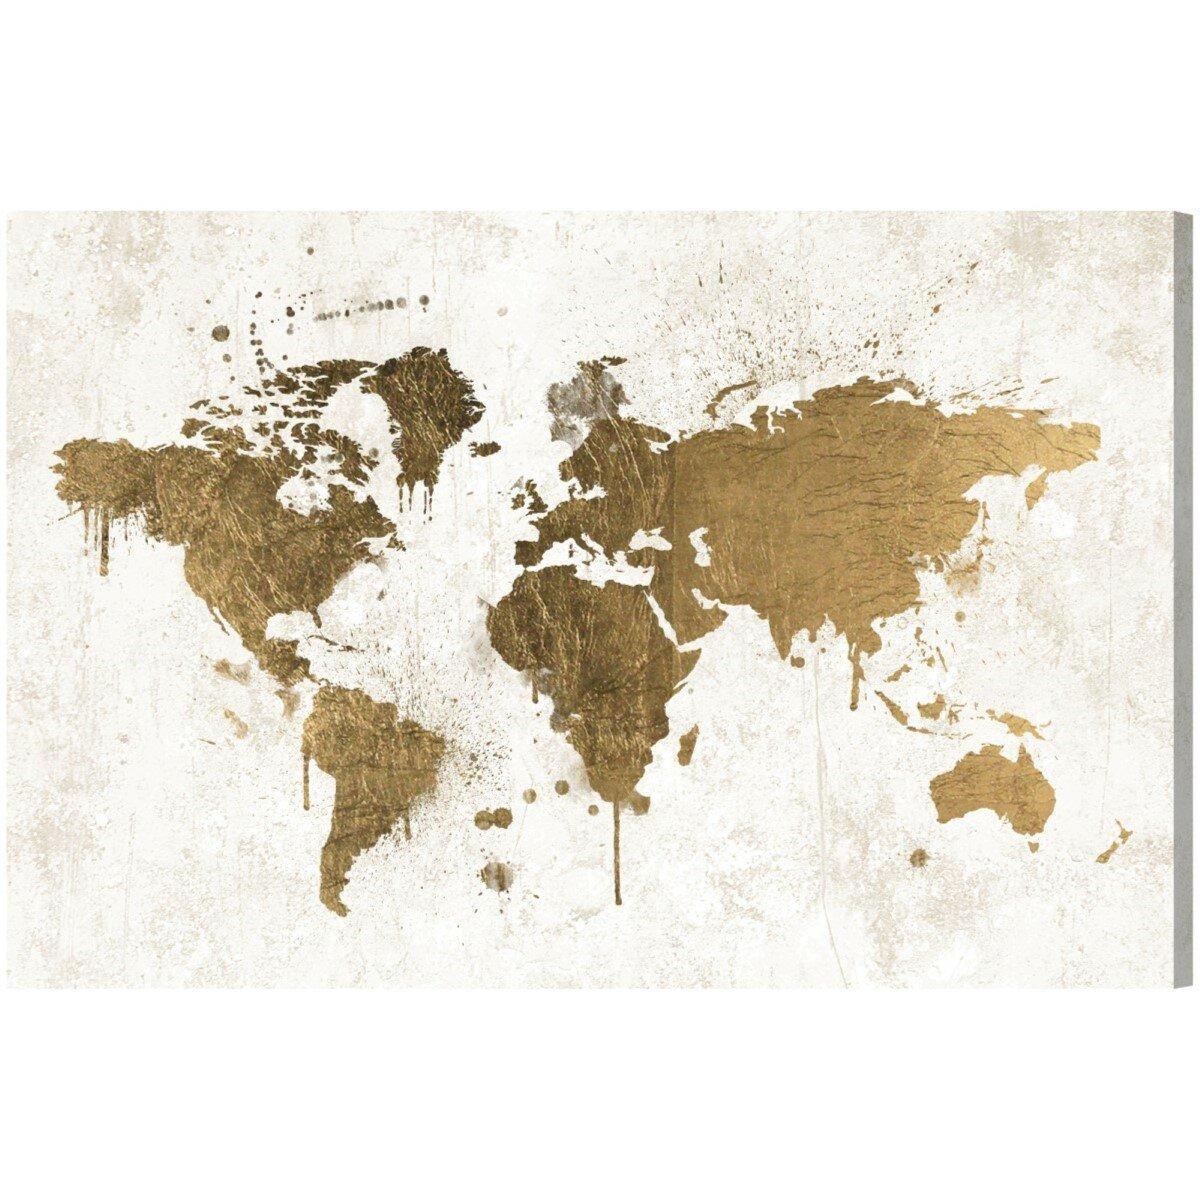 Mapamundi White Gold Maps Art Wrapped Canvas Print